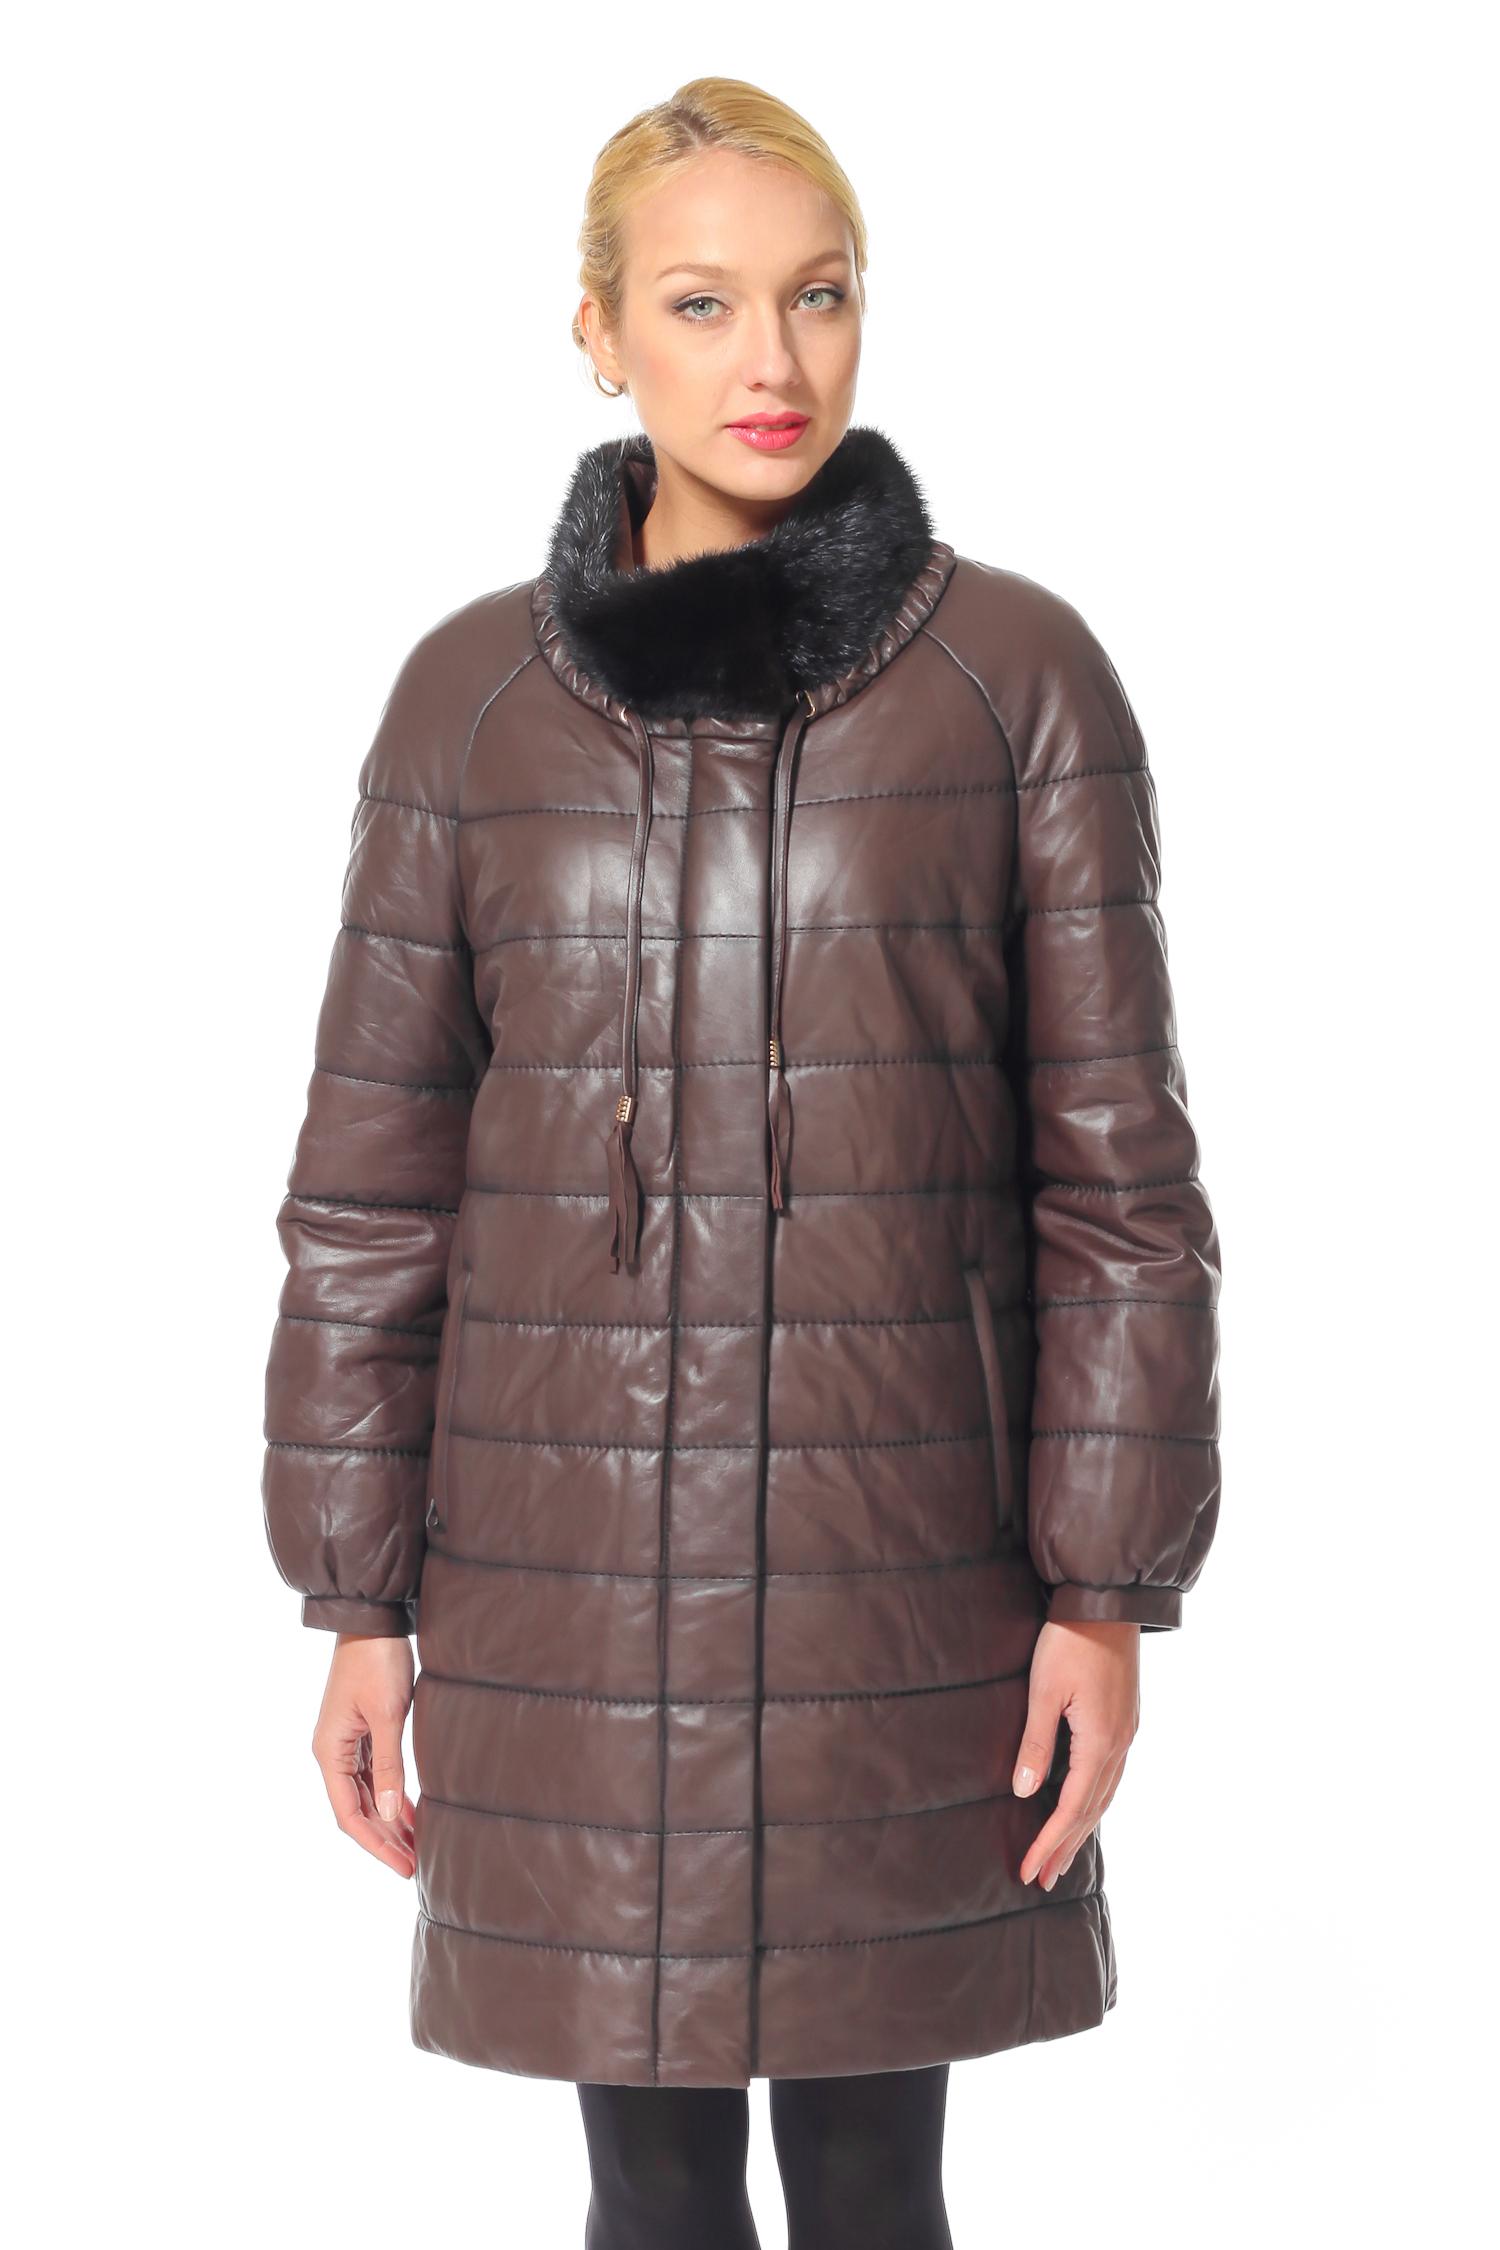 Женское кожаное пальто из натуральной кожи с воротником, отделка норка<br><br>Воротник: стойка<br>Длина см: Длинная (свыше 90)<br>Материал: Кожа овчина<br>Цвет: коричневый<br>Пол: Женский<br>Размер RU: 56